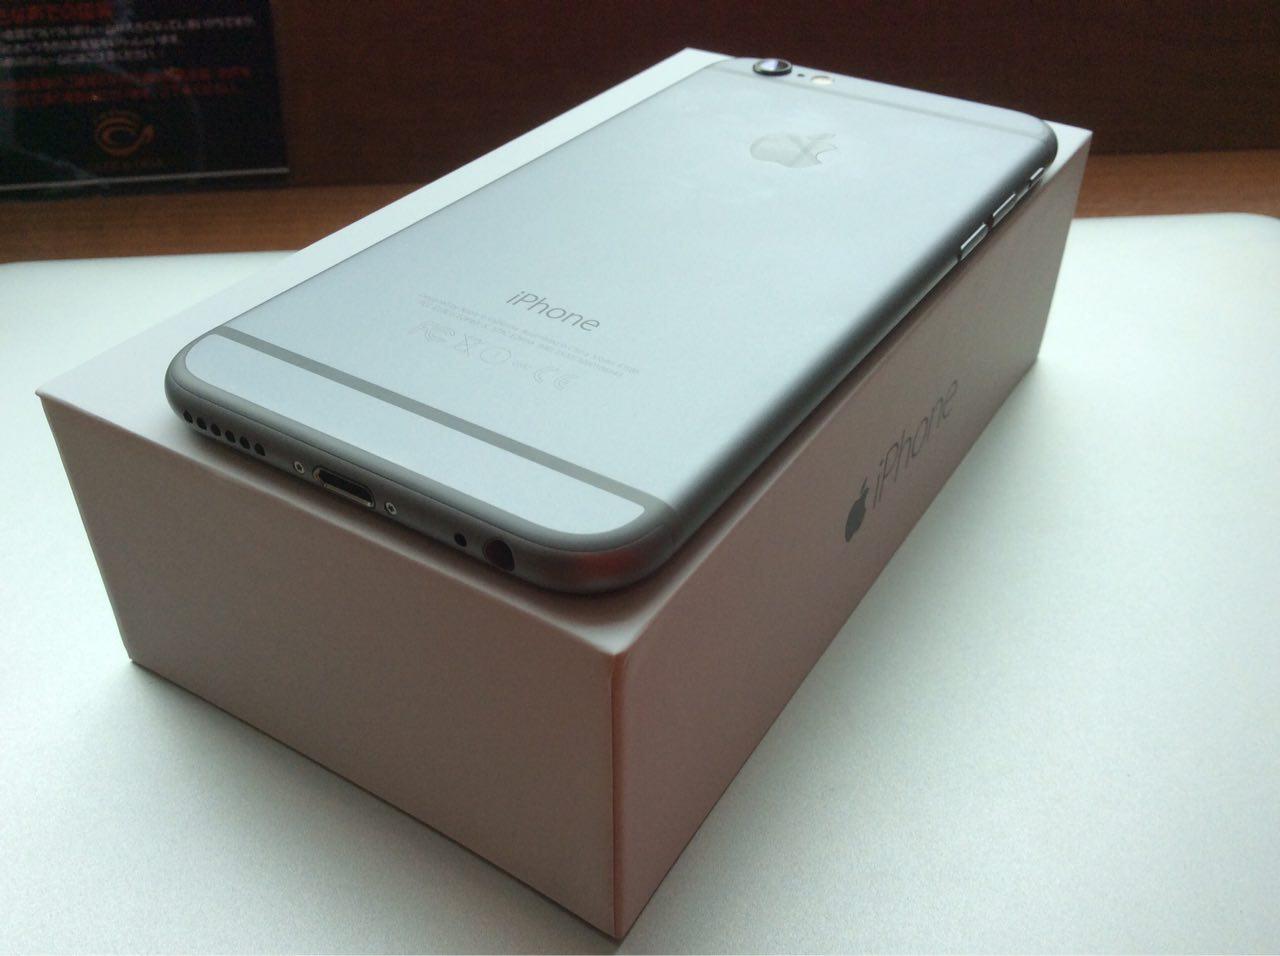 iPhone6 128Gを実質負担0円でSoftBankからauに乗り換えてみた。機種変更かMNPにするかで散々悩んだ僕がauに乗り換えた3つの決め手!